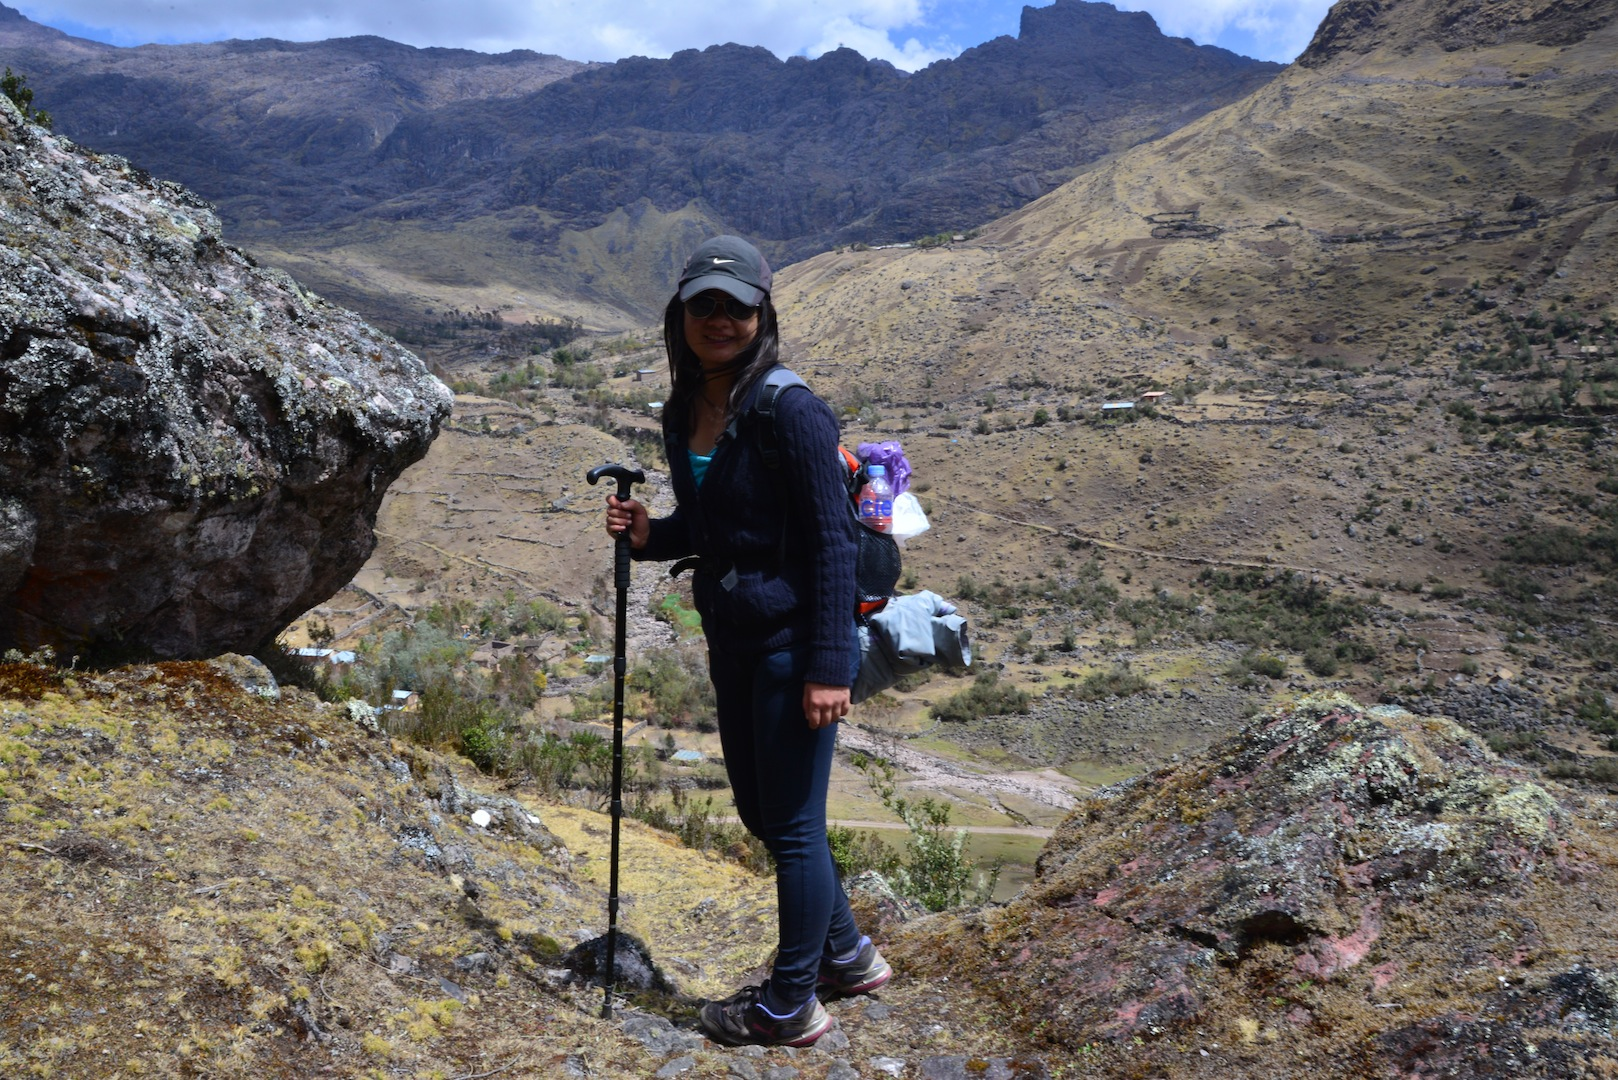 Trekking in Peru in Instagram Photos